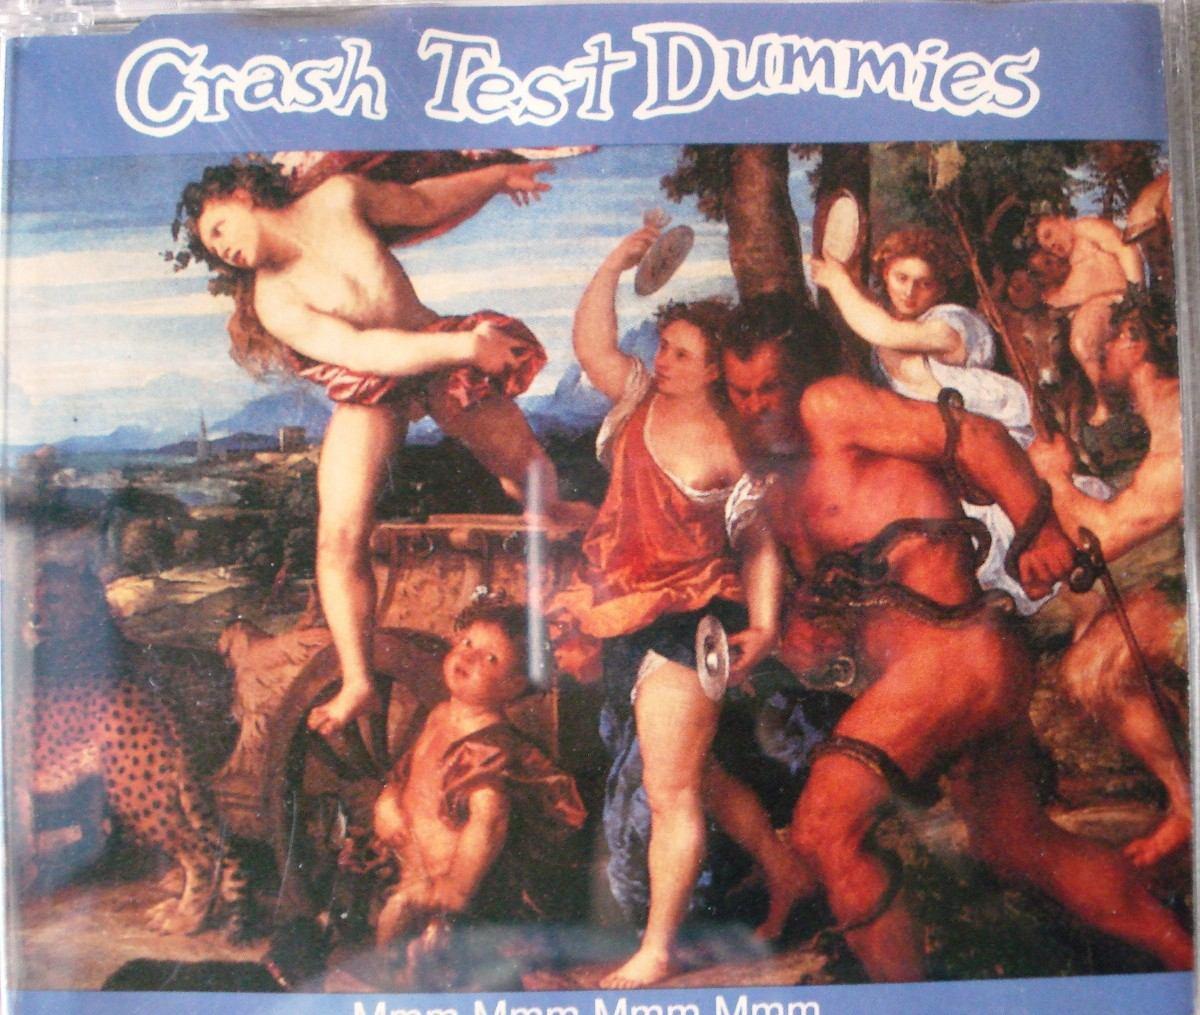 Crash Test Dummies - Los Angeles 1994